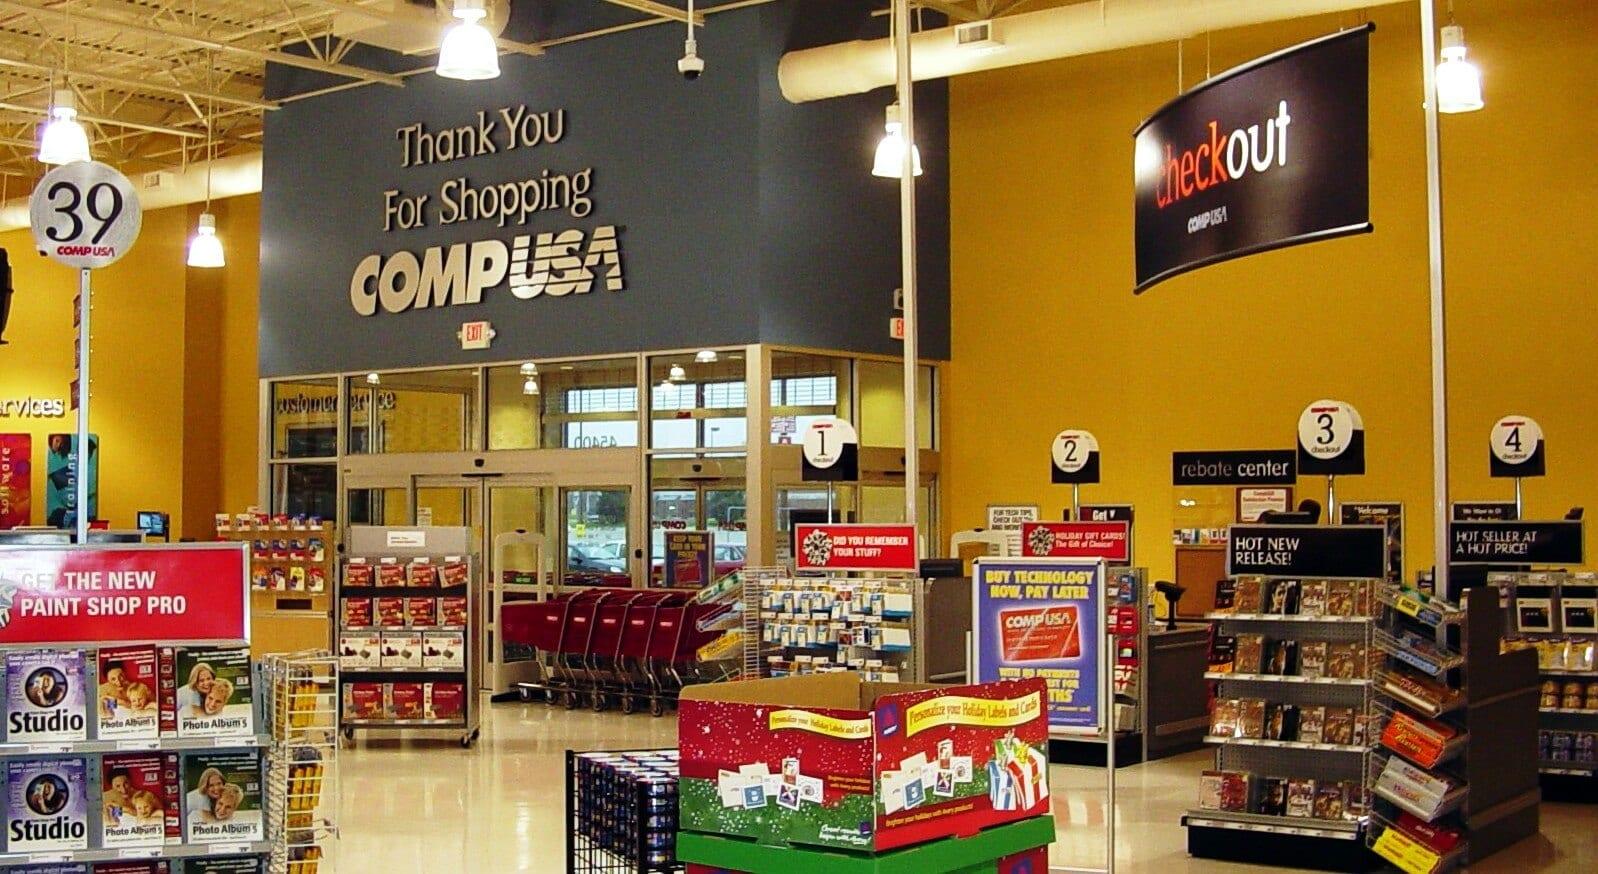 CompUSA   A tradicional loja de eletrônicos em Miami e Orlando